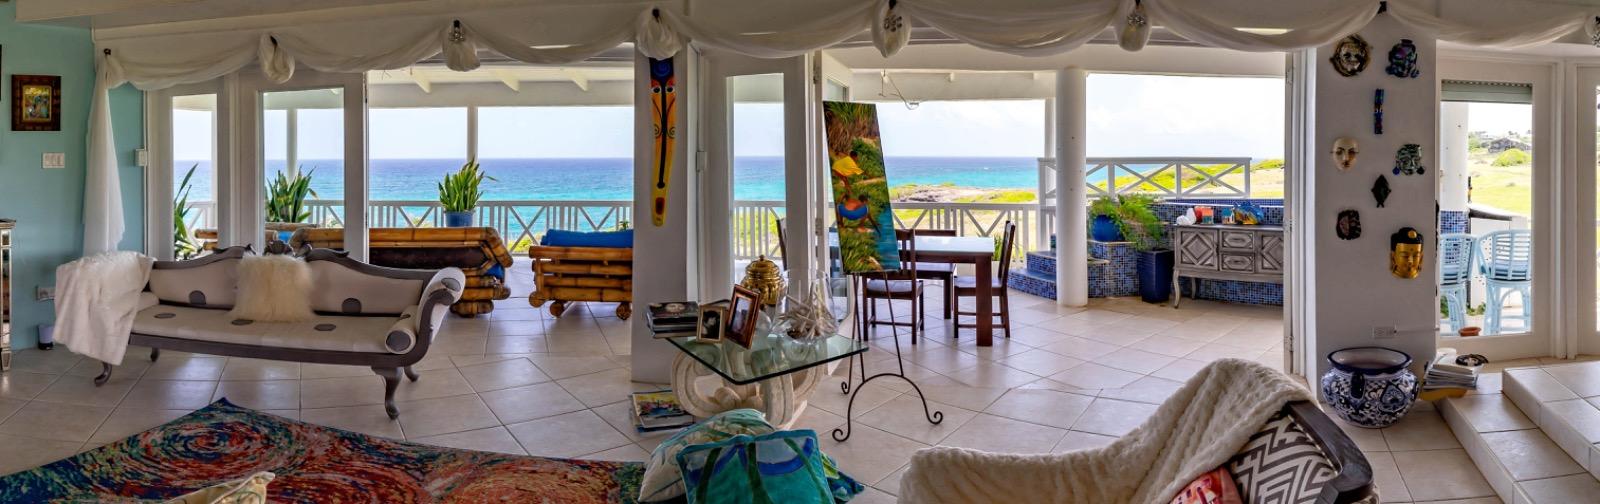 Barbados Living Room.jpg